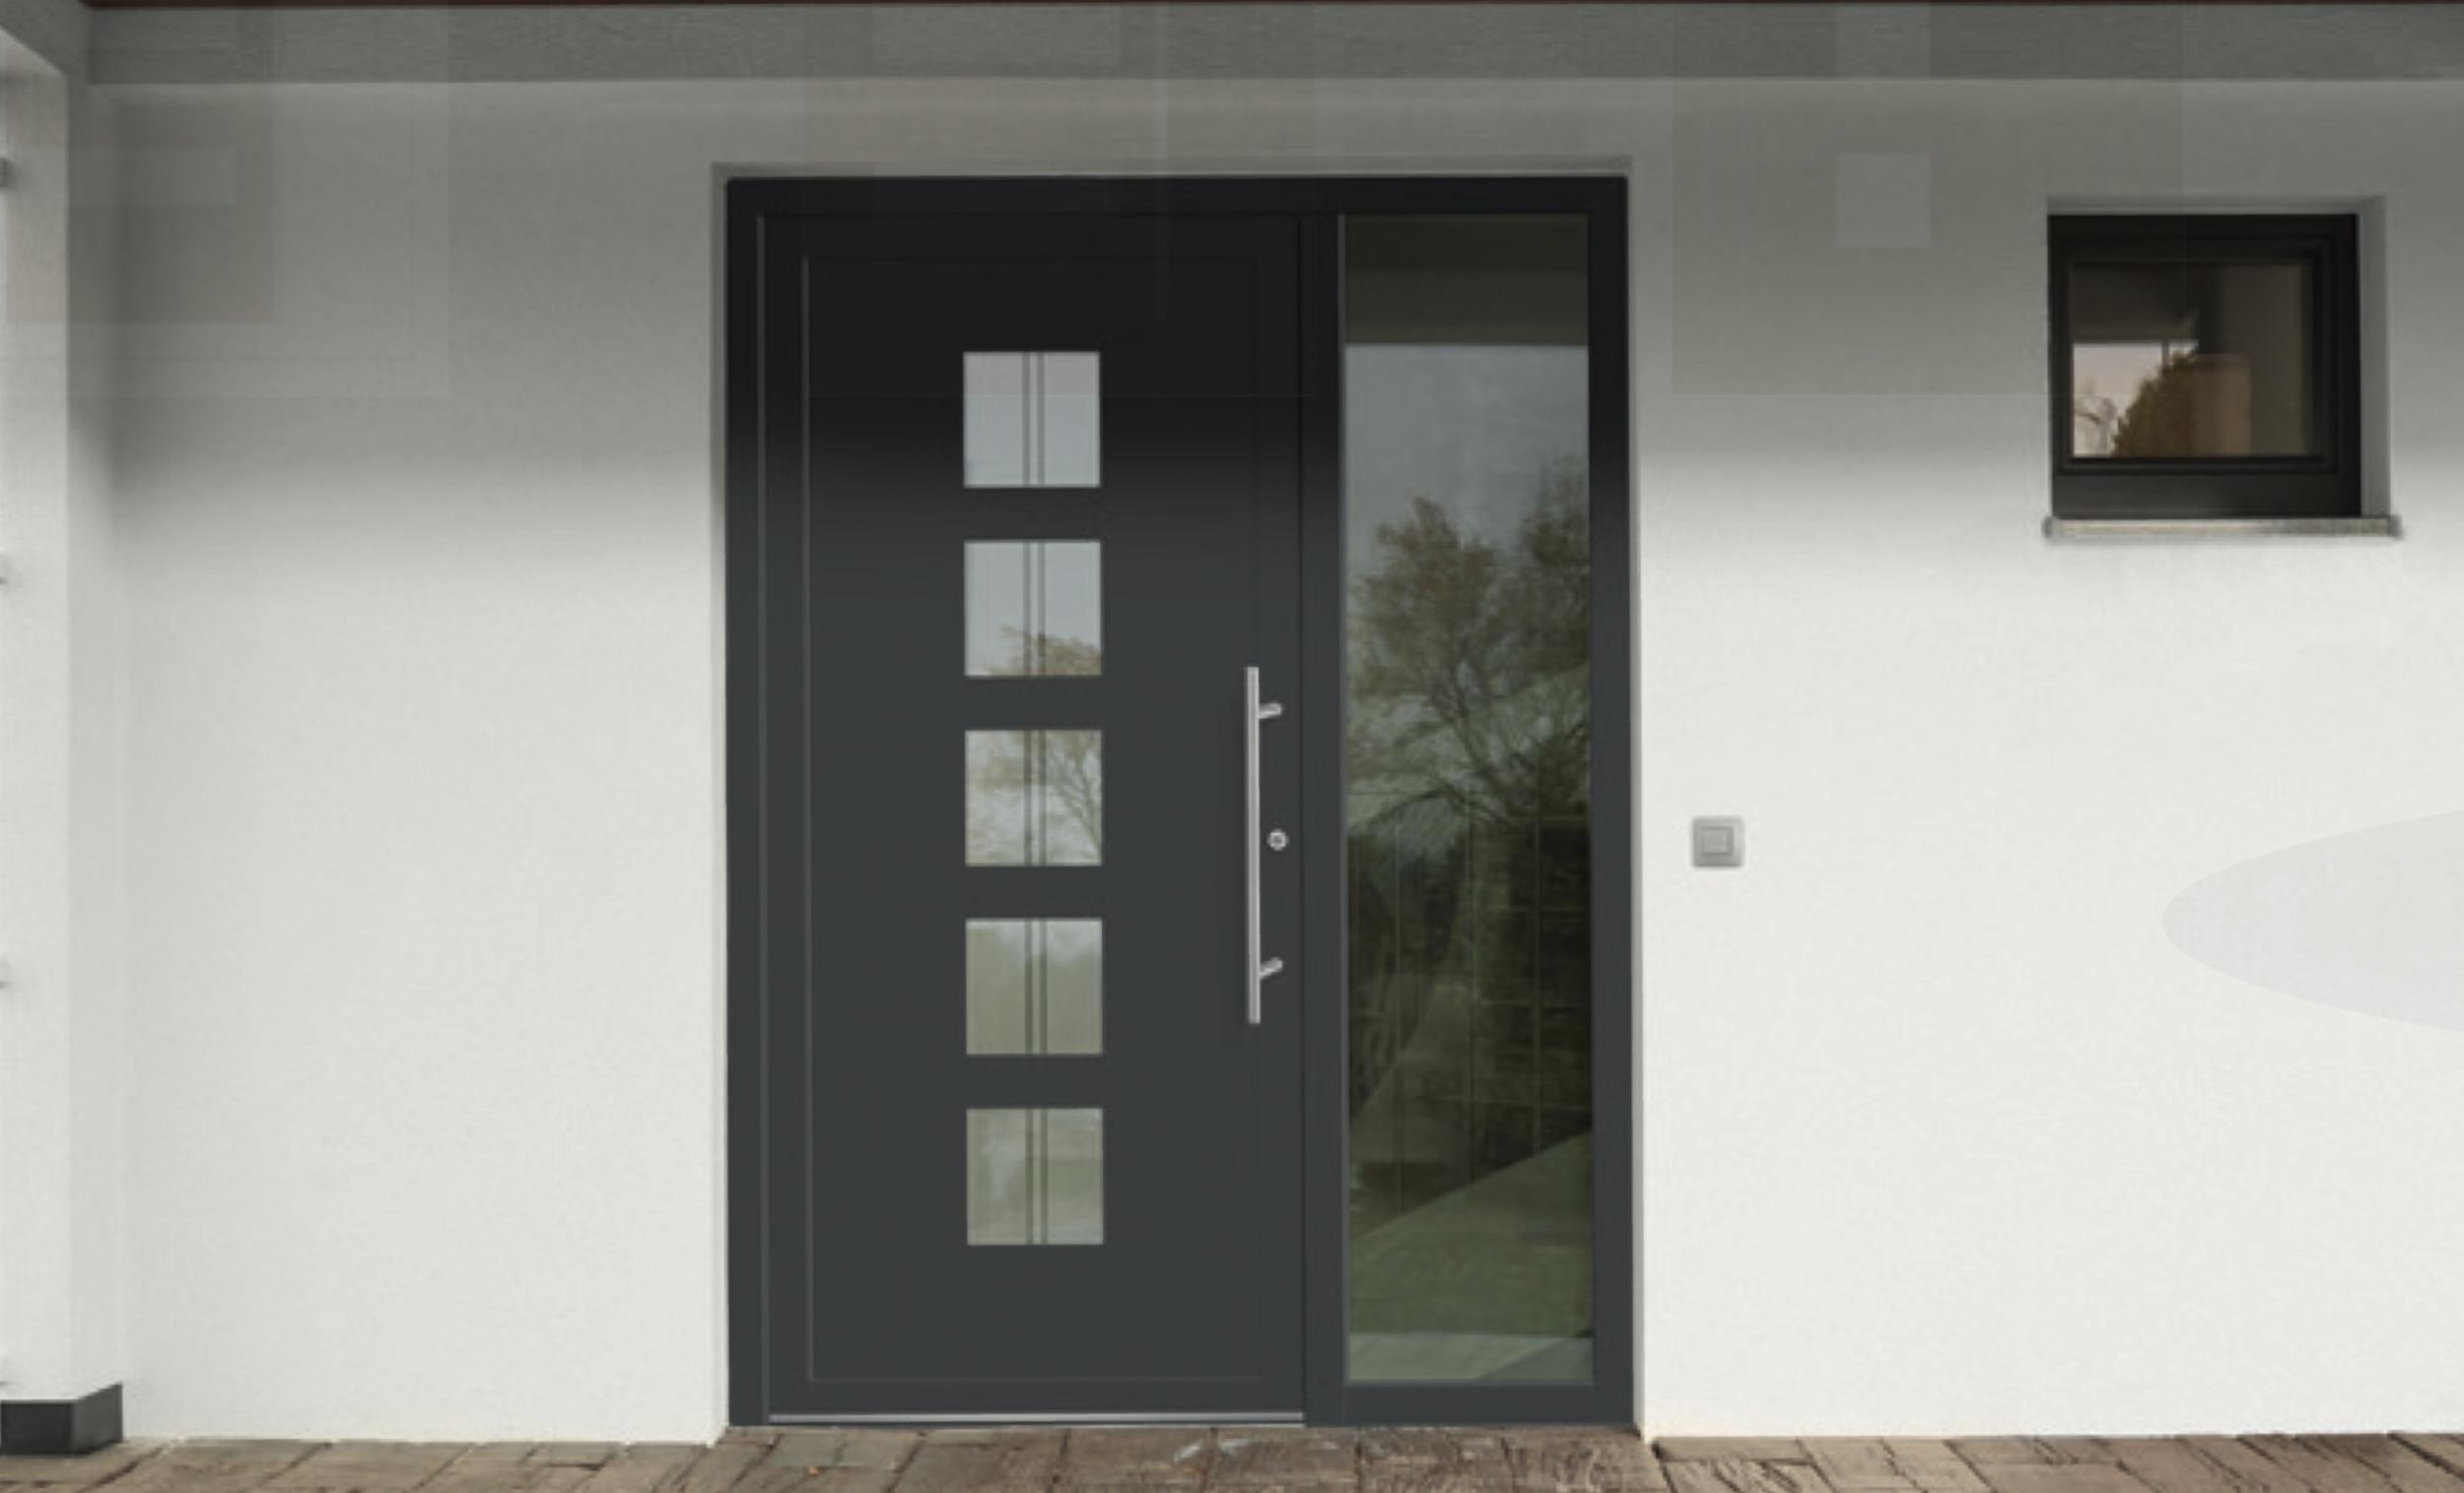 Die HÖNING-Türenkollektion hat die Trends der modernen Architektur aufgegriffen und auf stilvolle Weise in die Formsprache der Türen umgesetzt.